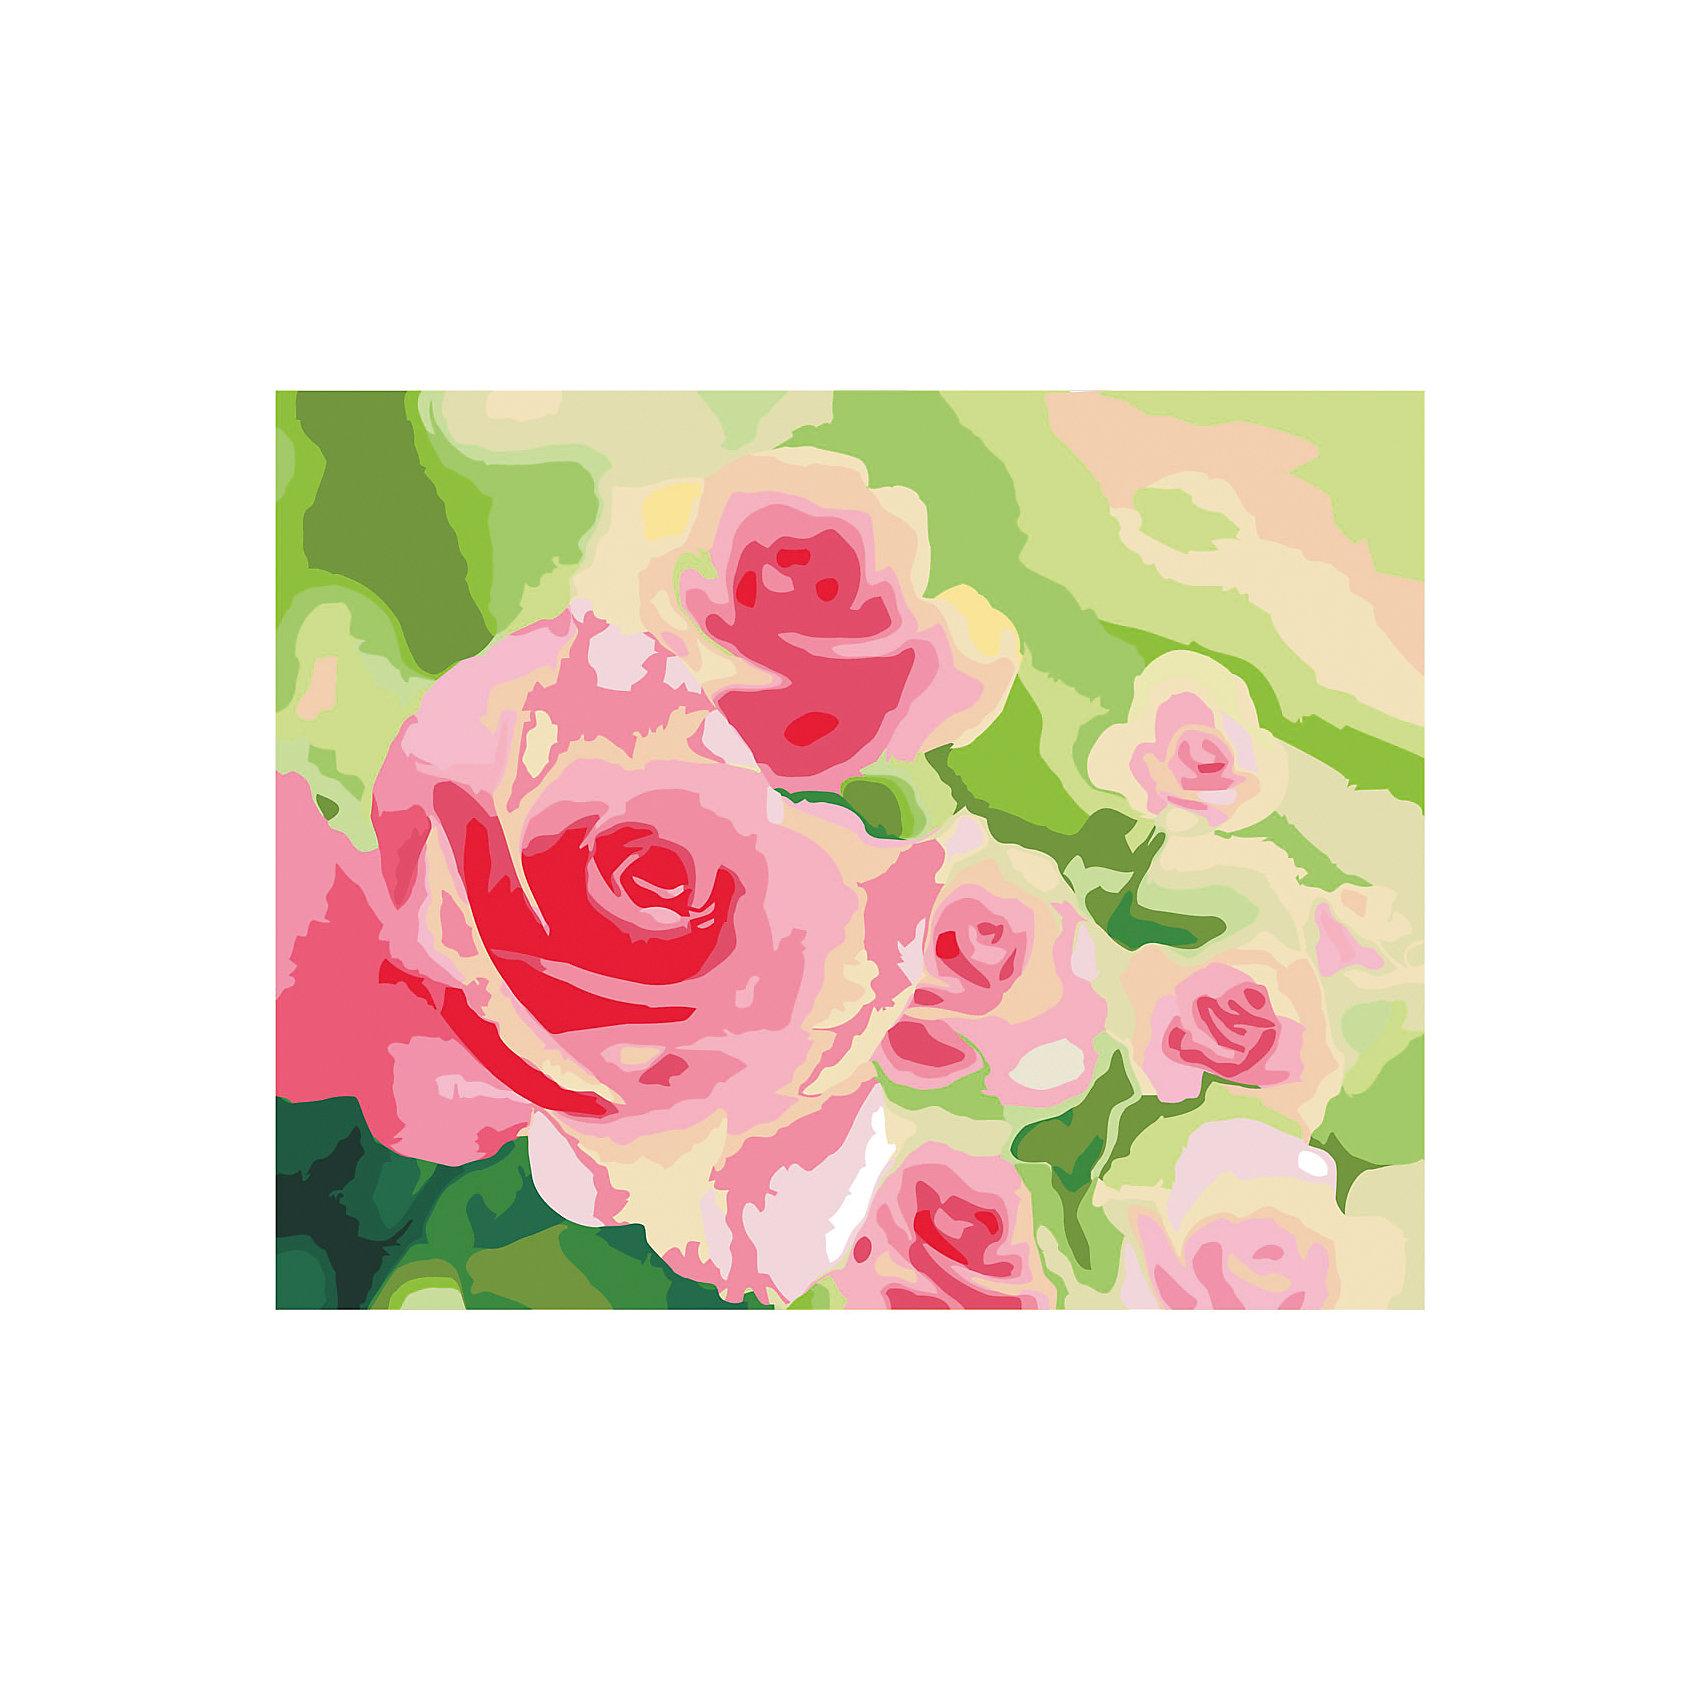 Роспись холста по номерам Розы в садуРаскраски по номерам<br>С этим замечательным набором создать прекрасную картину сможет любой человек от 7 до 99 лет, даже если он никогда раньше не ощущал себя художником. Нужно раскрасить пронумерованные фрагменты рисунка пронумерованными красками, которые ровно ложатся на холст и хорошо закрашивают контуры. А если вдруг появится ошибка, то исправить ее поможет контрольная схема рисунка. Раскрашивание холста увлекательно и для детей, и для взрослых. А получившаяся картина станет эффектным украшением интерьера. или же прекрасным подарком, сделанным своими руками. <br><br>Дополнительная информация:<br><br>- Комплектация: холст  с контурным рисунком, натянутый на деревянную рамку, акриловые краски (23 цвета), 3 кисточки (2 тонкие, 1 широкая), крепежные петли для подвешивания холста, контрольная схема рисунка. <br>- Размер холста: 40х50 см.<br>- Материал: акриловые краски, дерево, пластик, бумага. <br><br>Роспись холста по номерам Розы в саду можно купить в нашем магазине.<br><br>Ширина мм: 405<br>Глубина мм: 505<br>Высота мм: 15<br>Вес г: 479<br>Возраст от месяцев: 84<br>Возраст до месяцев: 2147483647<br>Пол: Унисекс<br>Возраст: Детский<br>SKU: 4768555